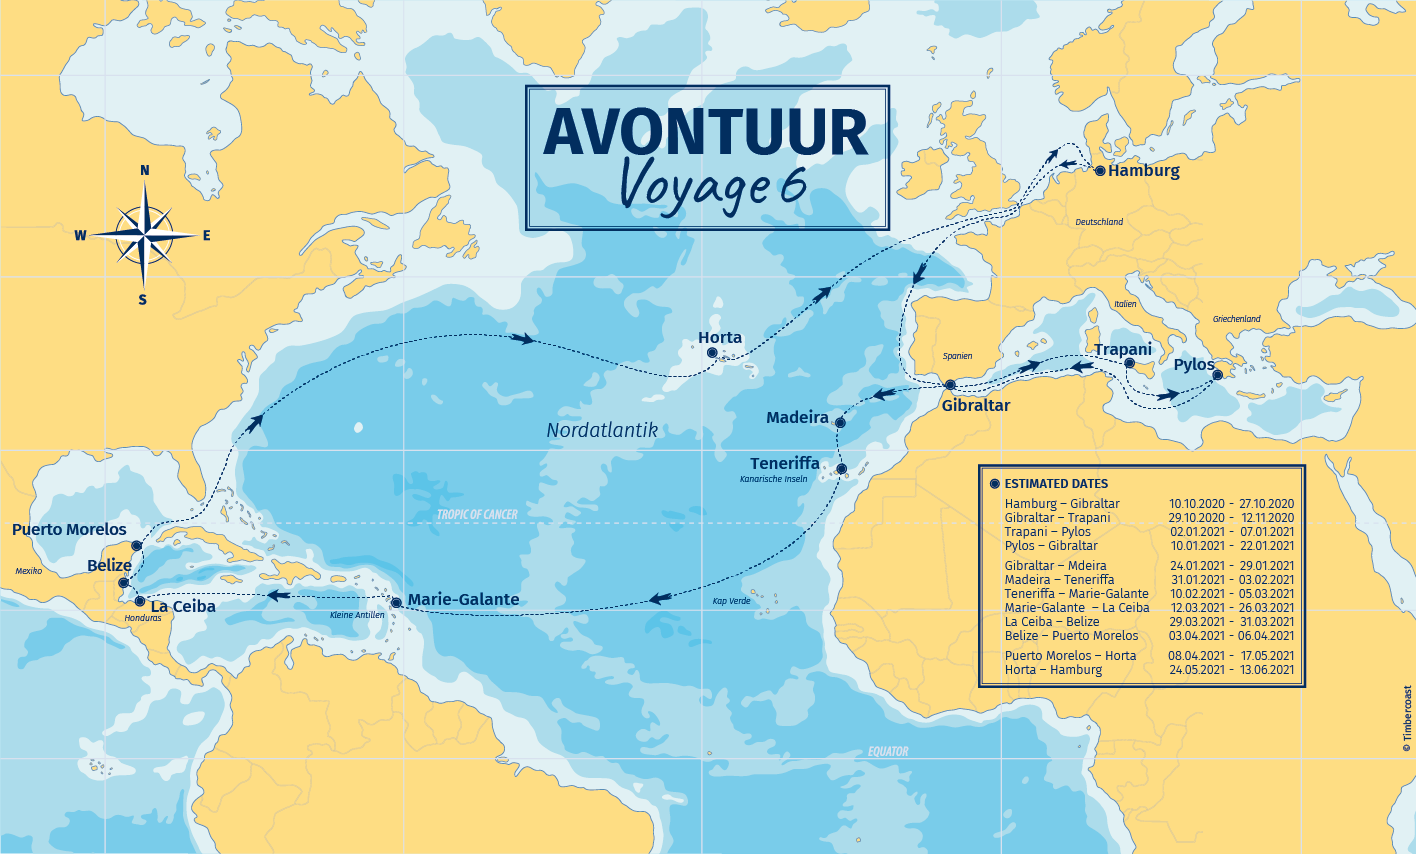 Voyage 6 - Update